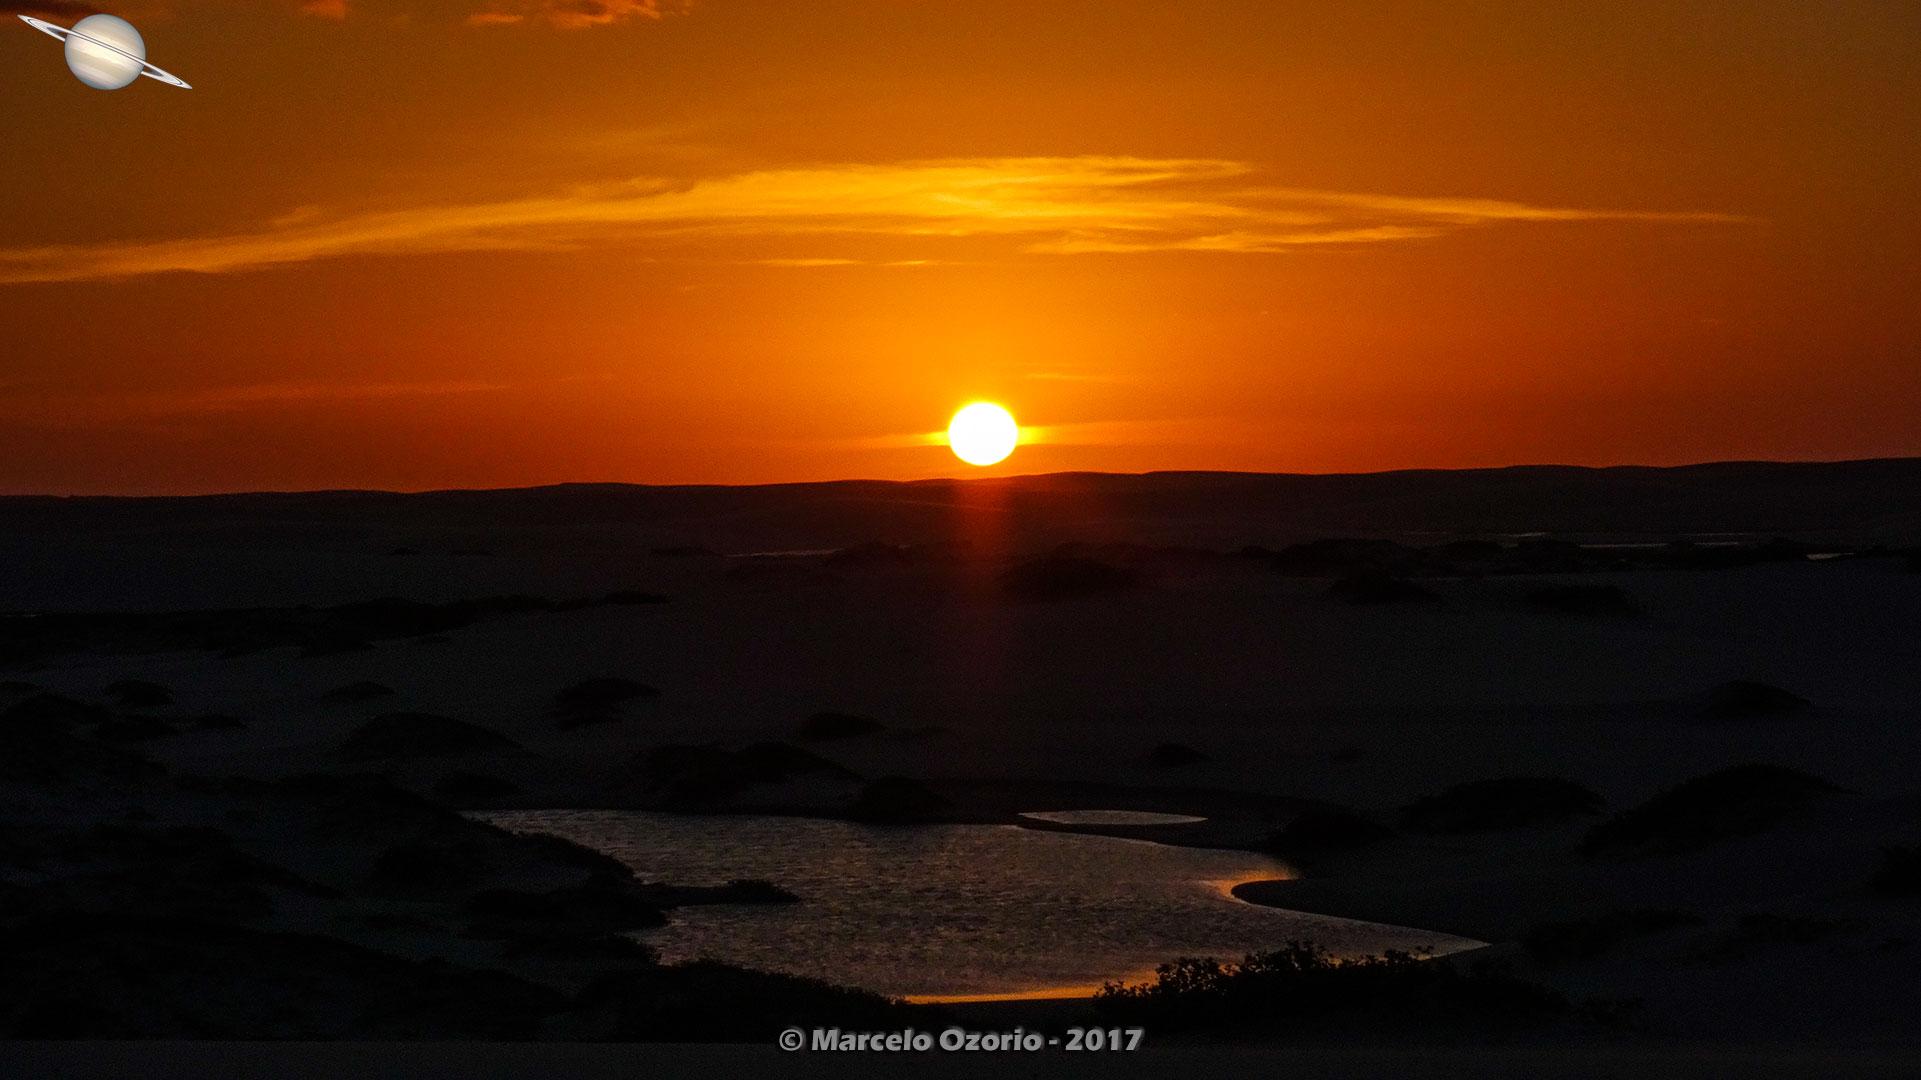 dia 3 explorando lencois maranhenses 61 - Explorando o Centro do Parque Nacional dos Lençóis Maranhenses - Brasil